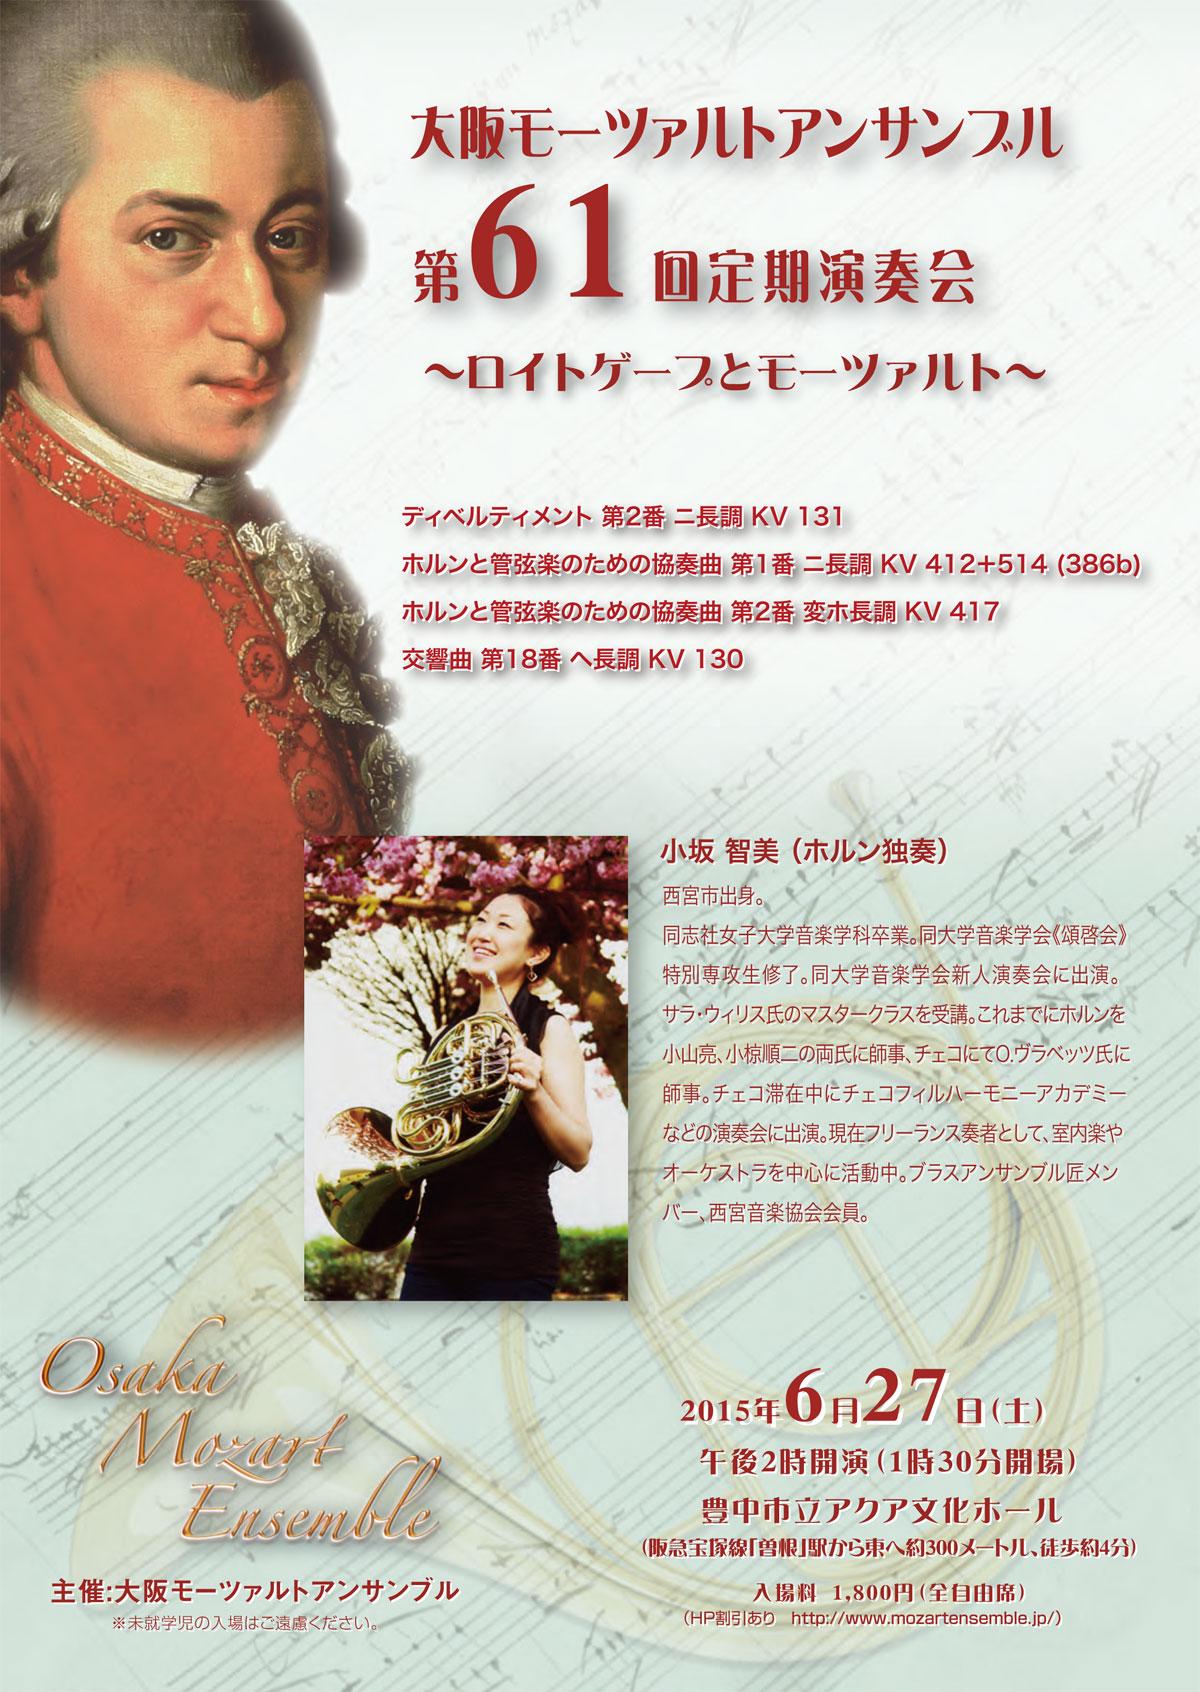 第61回記念定期演奏会~ロイトゲープとモーツァルト~